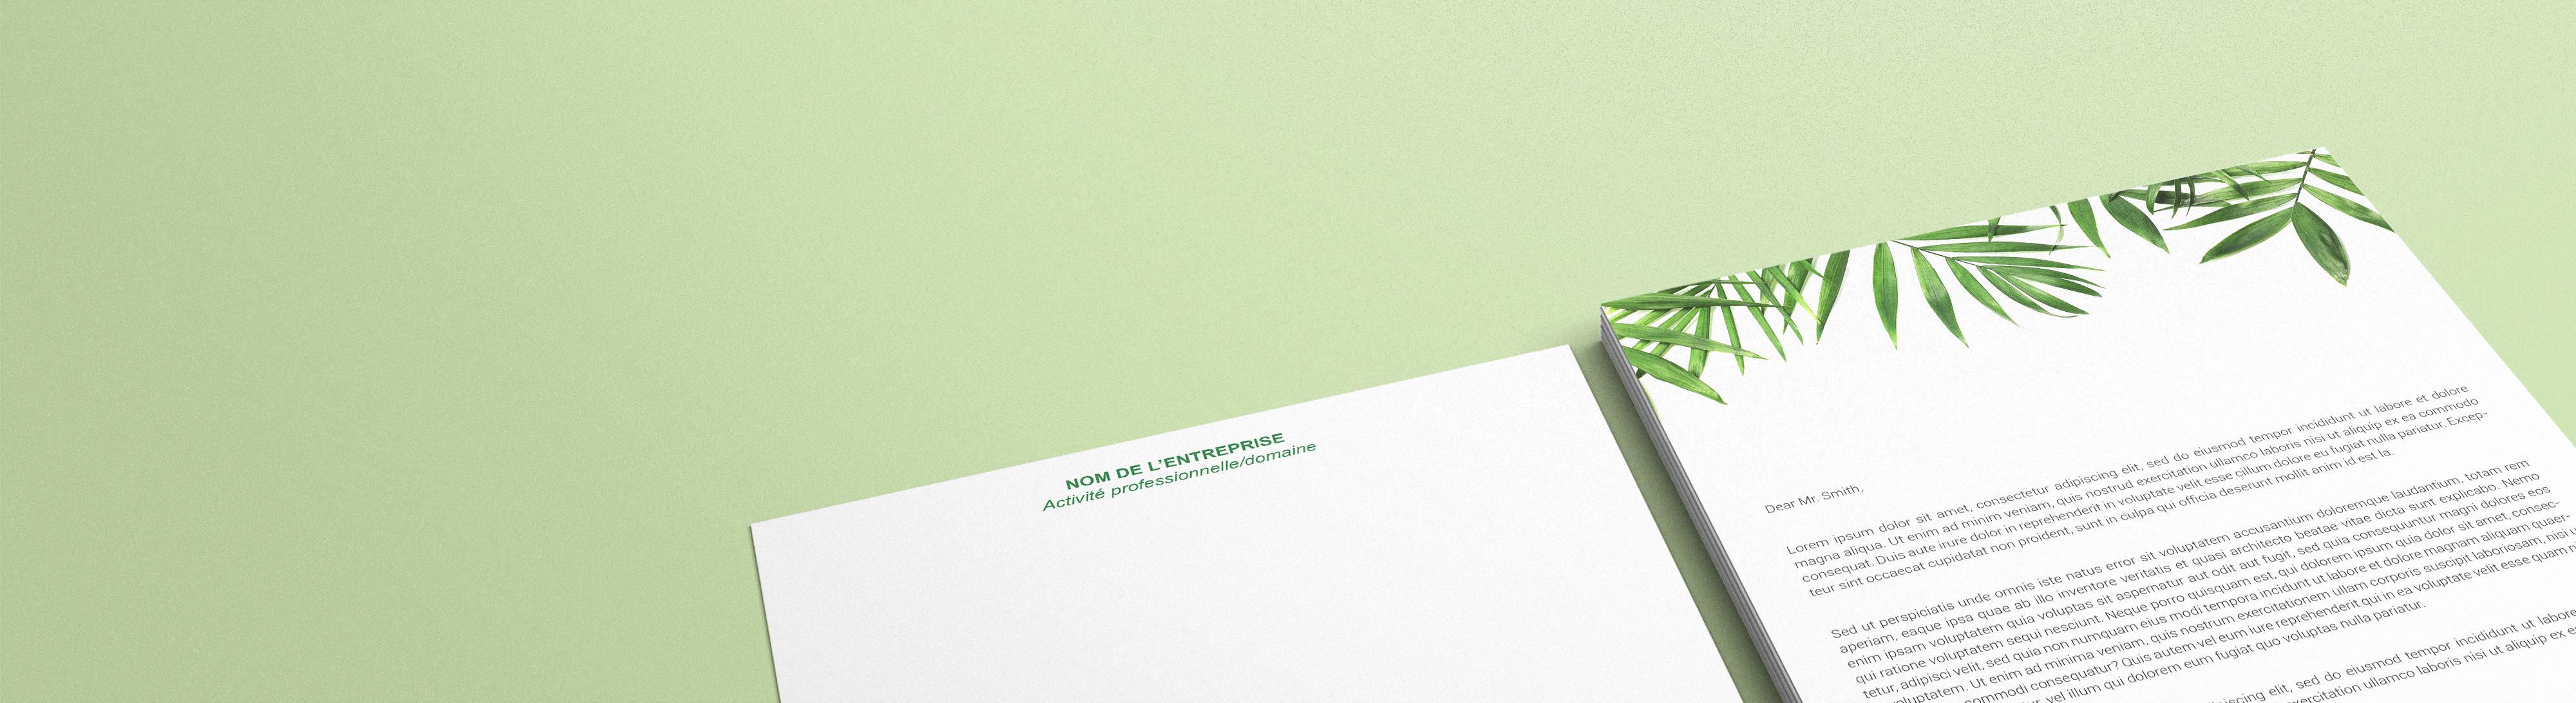 papier en tête imprimée sur papier recyclé